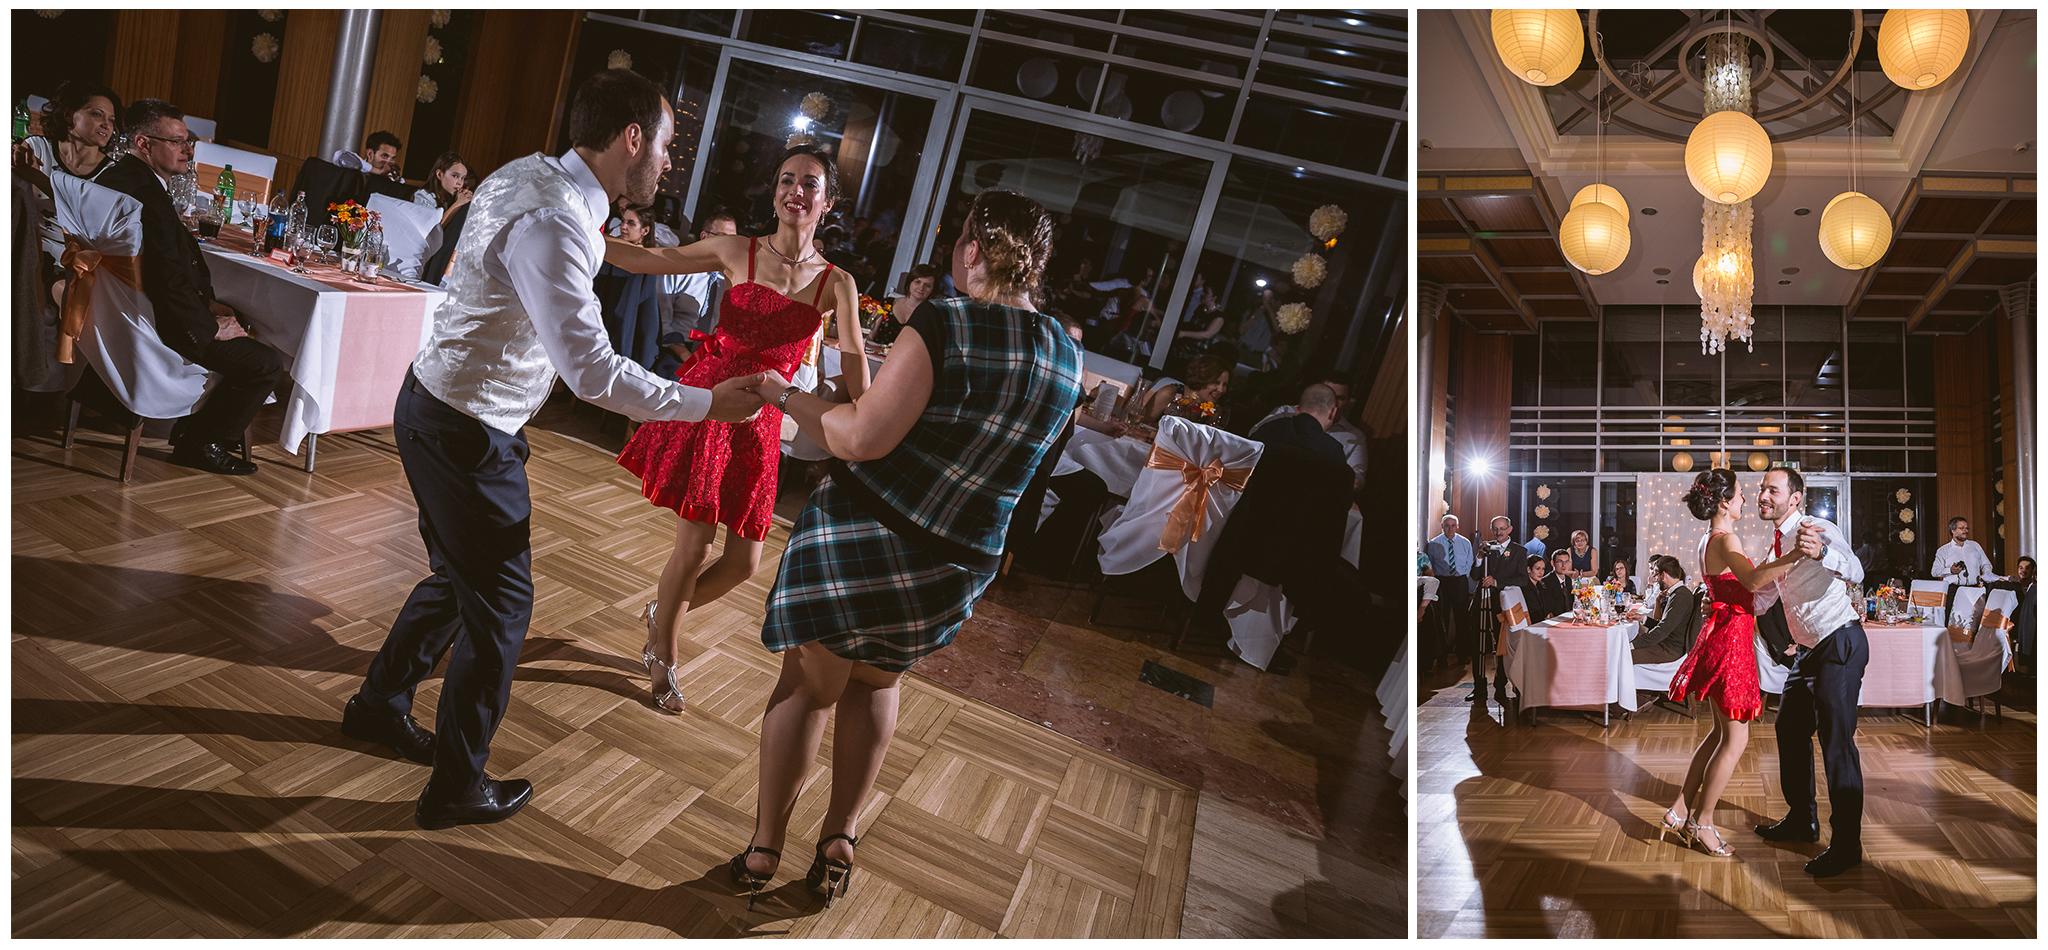 FylepPhoto, esküvőfotós, esküvői fotós Körmend, Szombathely, esküvőfotózás, magyarország, vas megye, prémium, jegyesfotózás, Fülöp Péter, körmend, kreatív, fotográfus_054.jpg